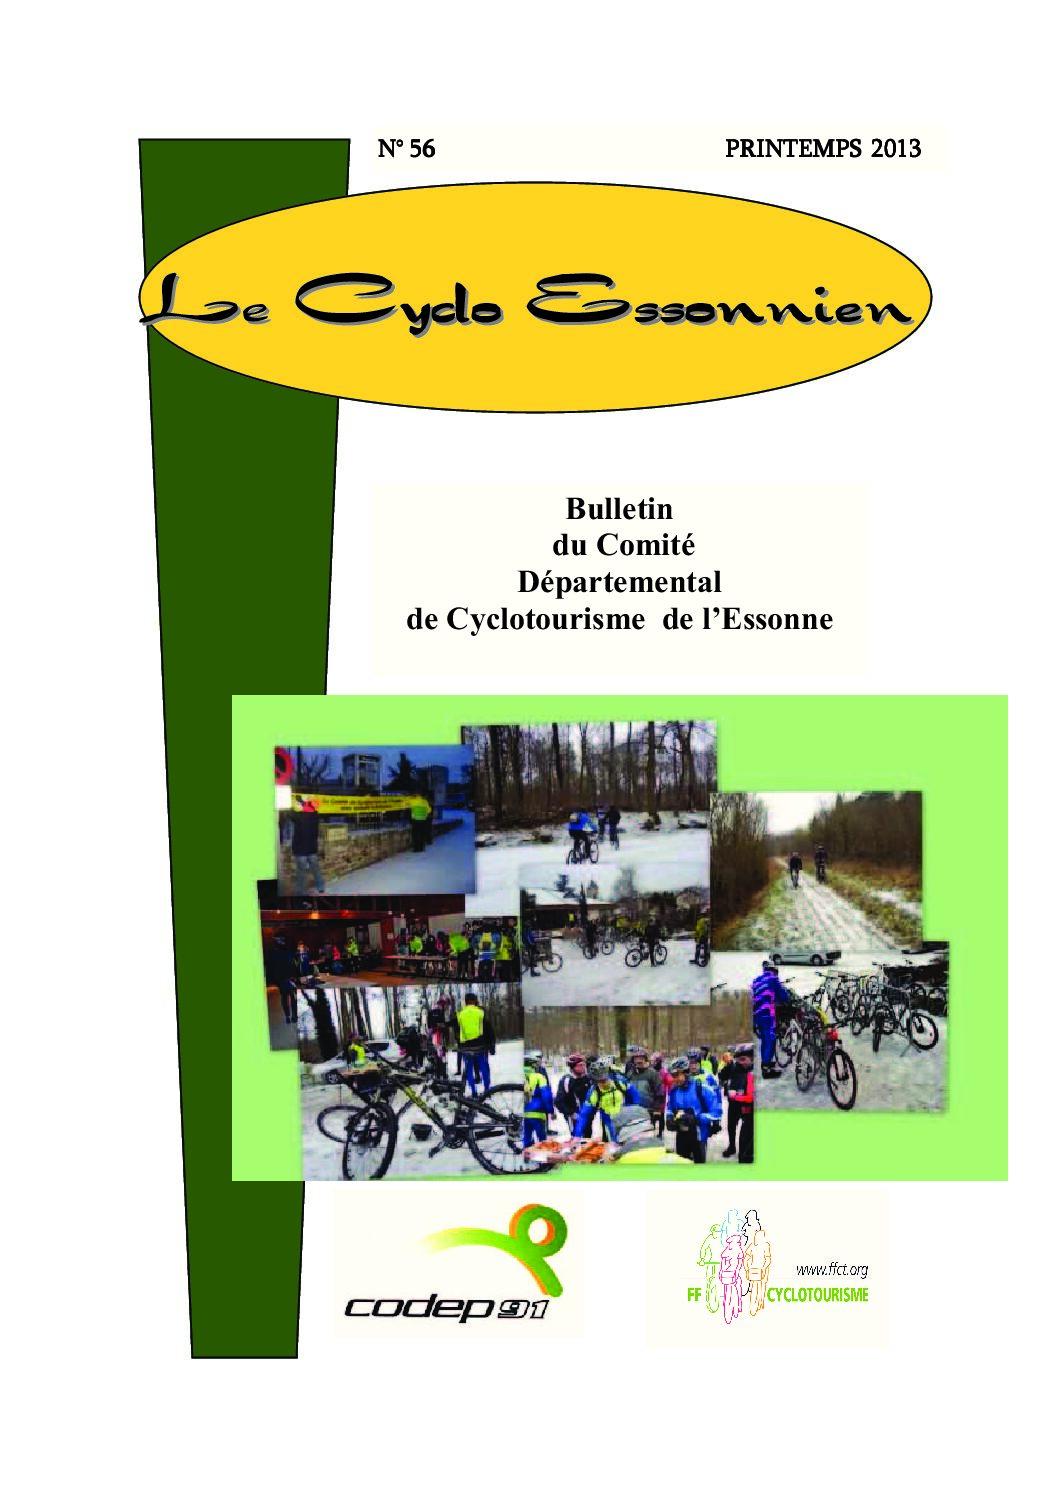 Le Cyclo Essonnien n°56